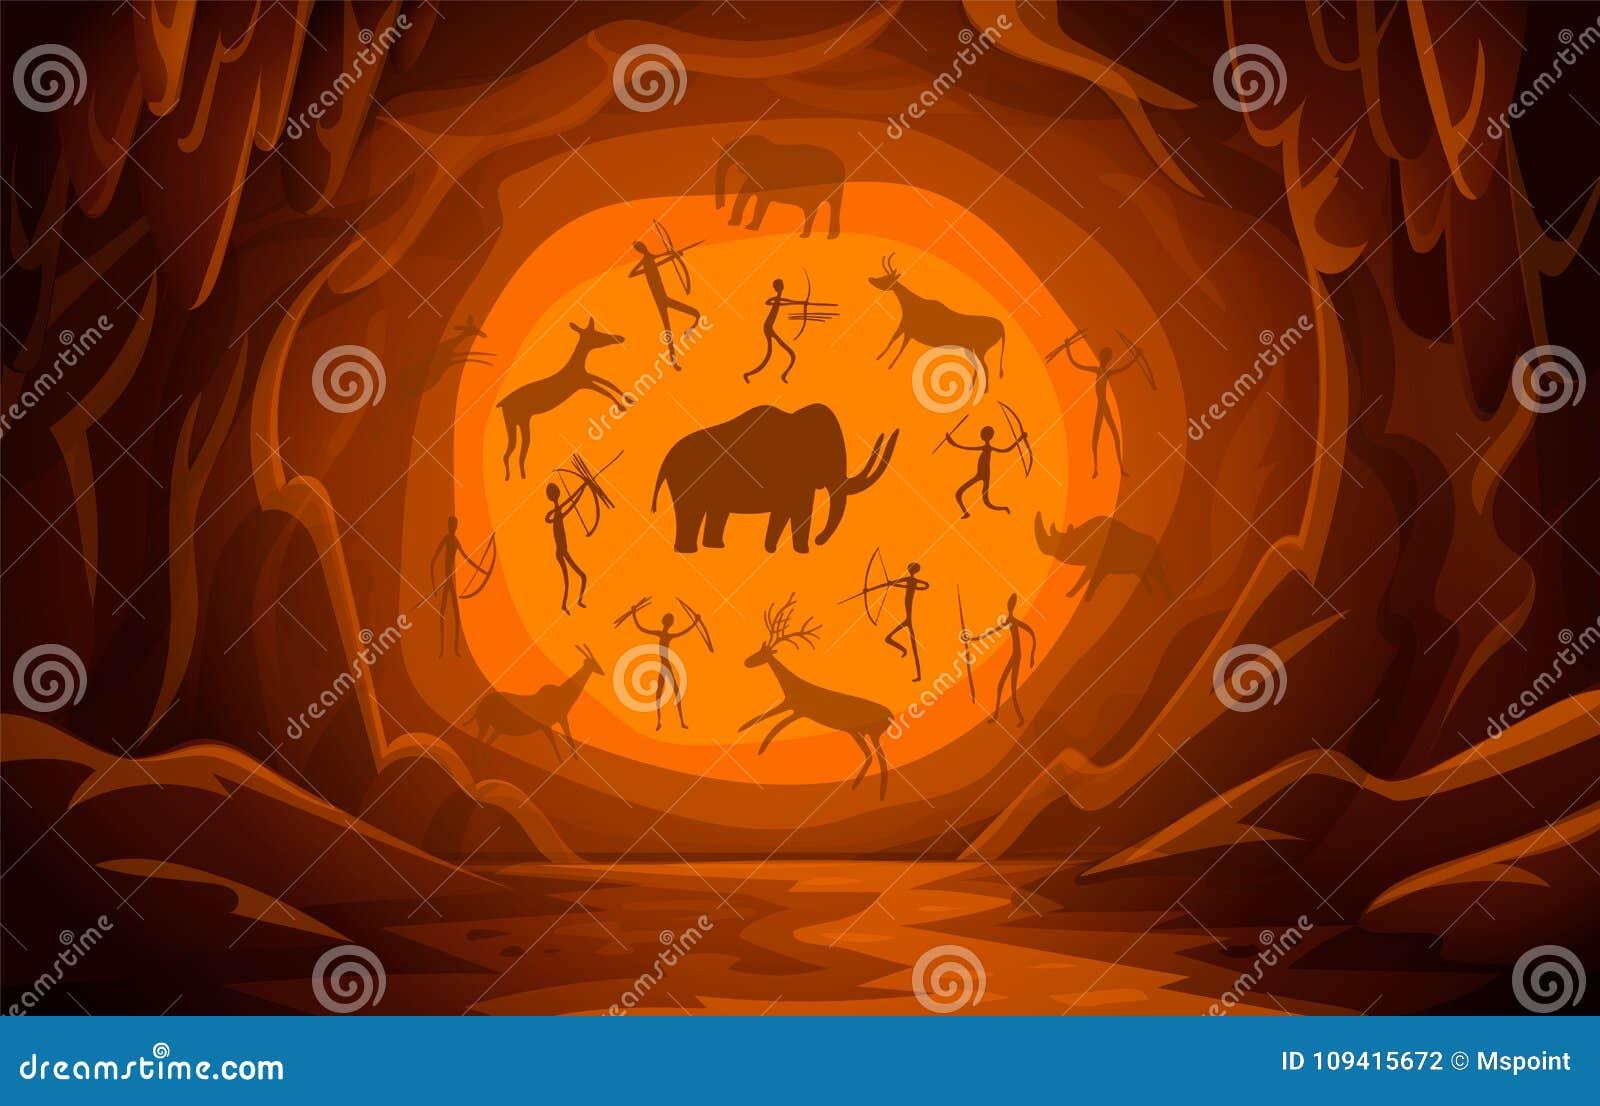 Caverne avec des dessins de caverne Peintures de caverne primitives de fond de scène de montagne de bande dessinée pétroglyphes a